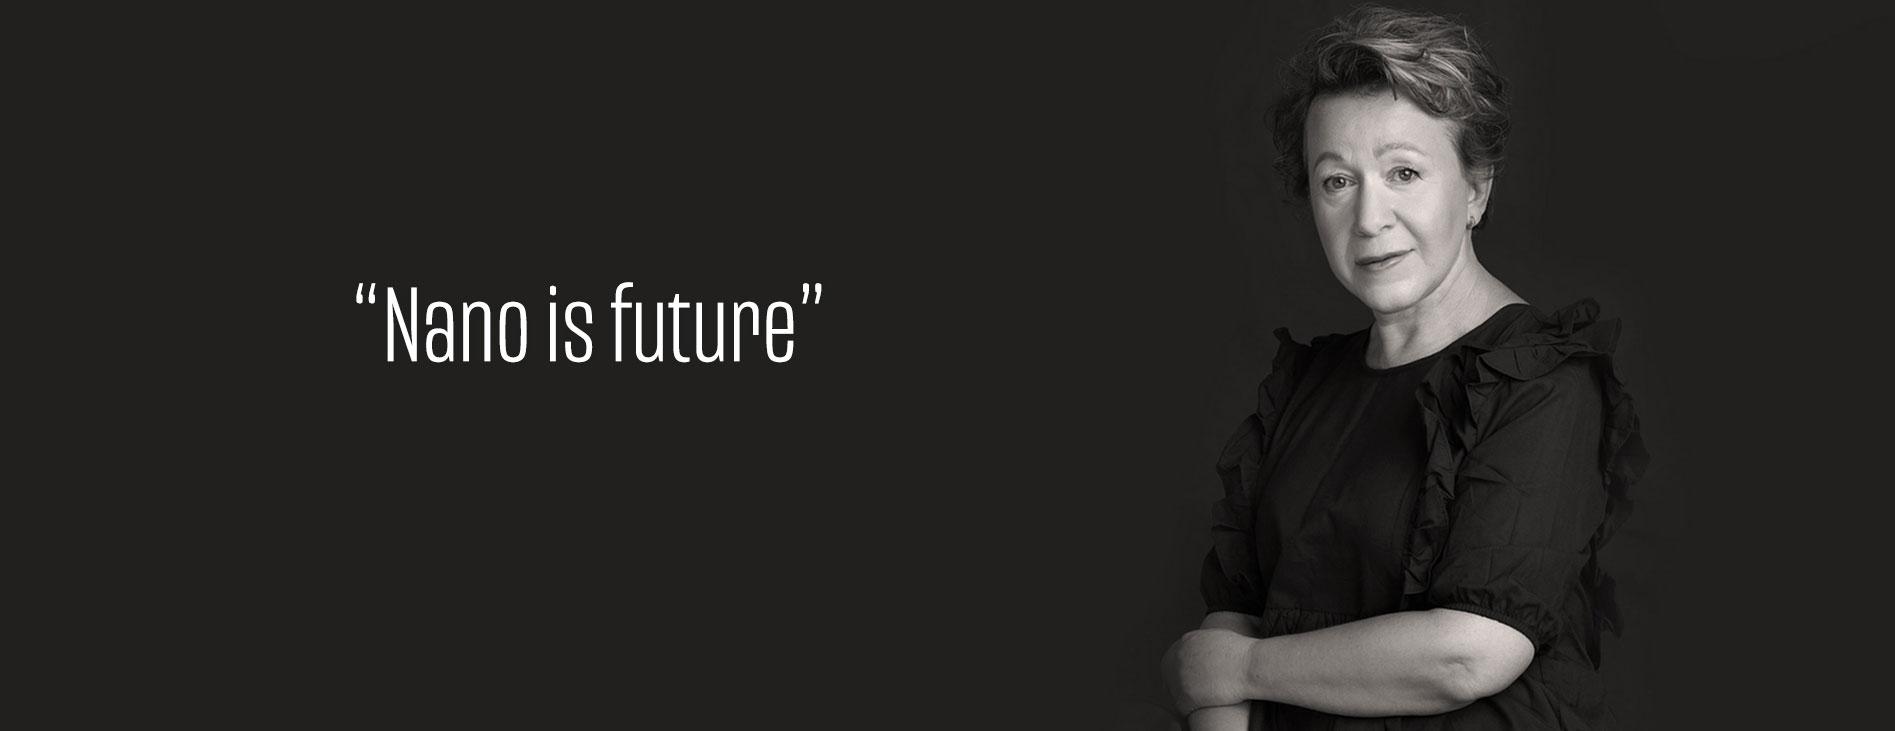 Nano is future